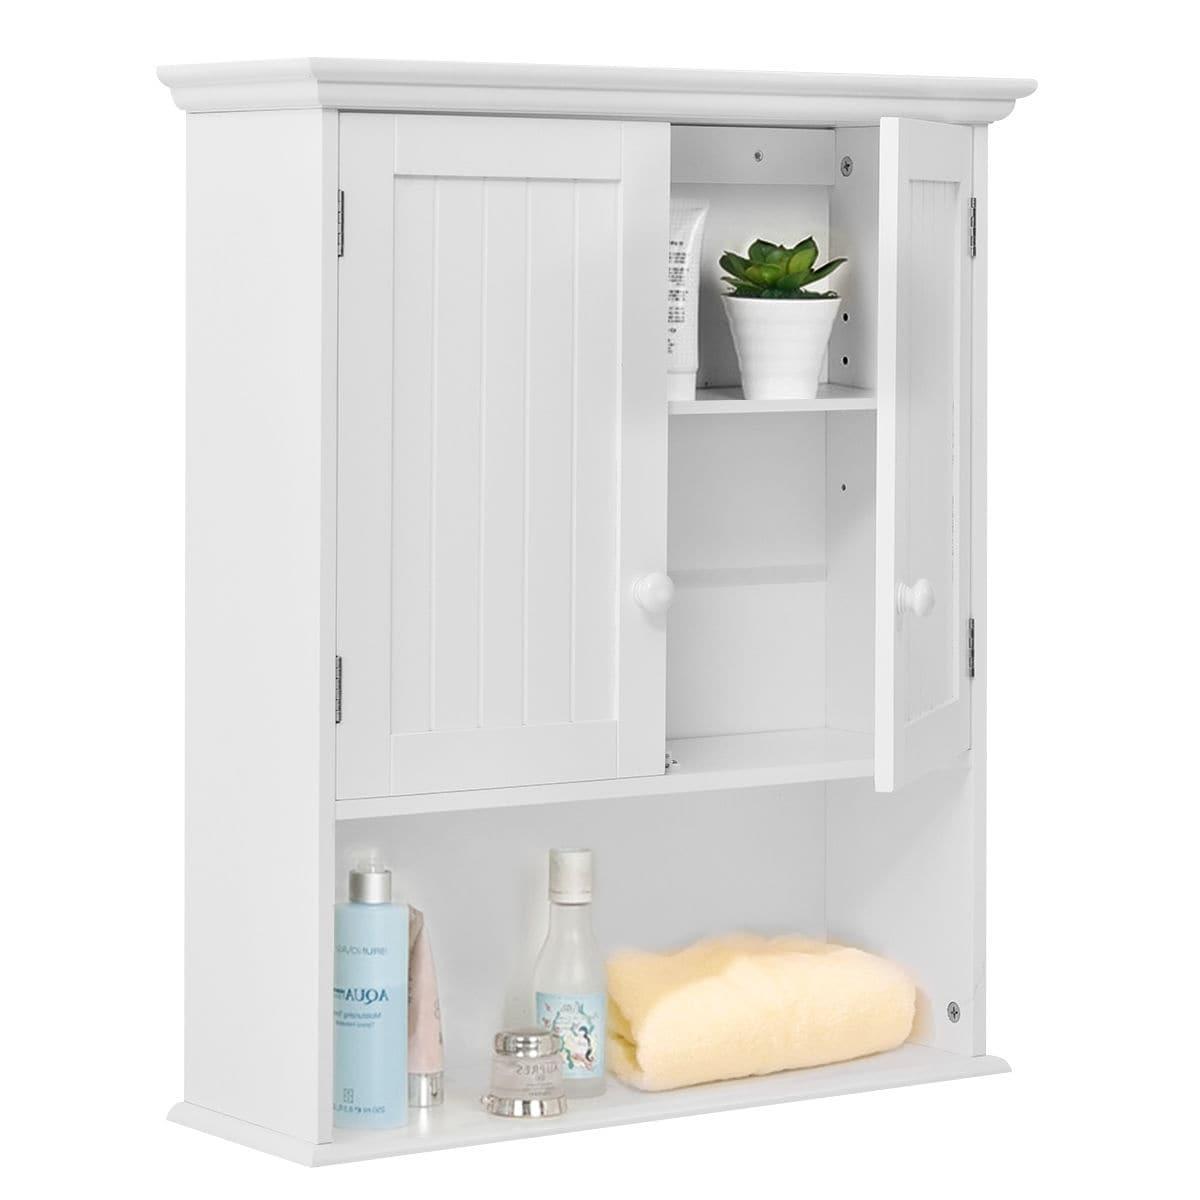 Shop Costway Wall Mount Bathroom Cabinet Storage Organizer Medicine ...